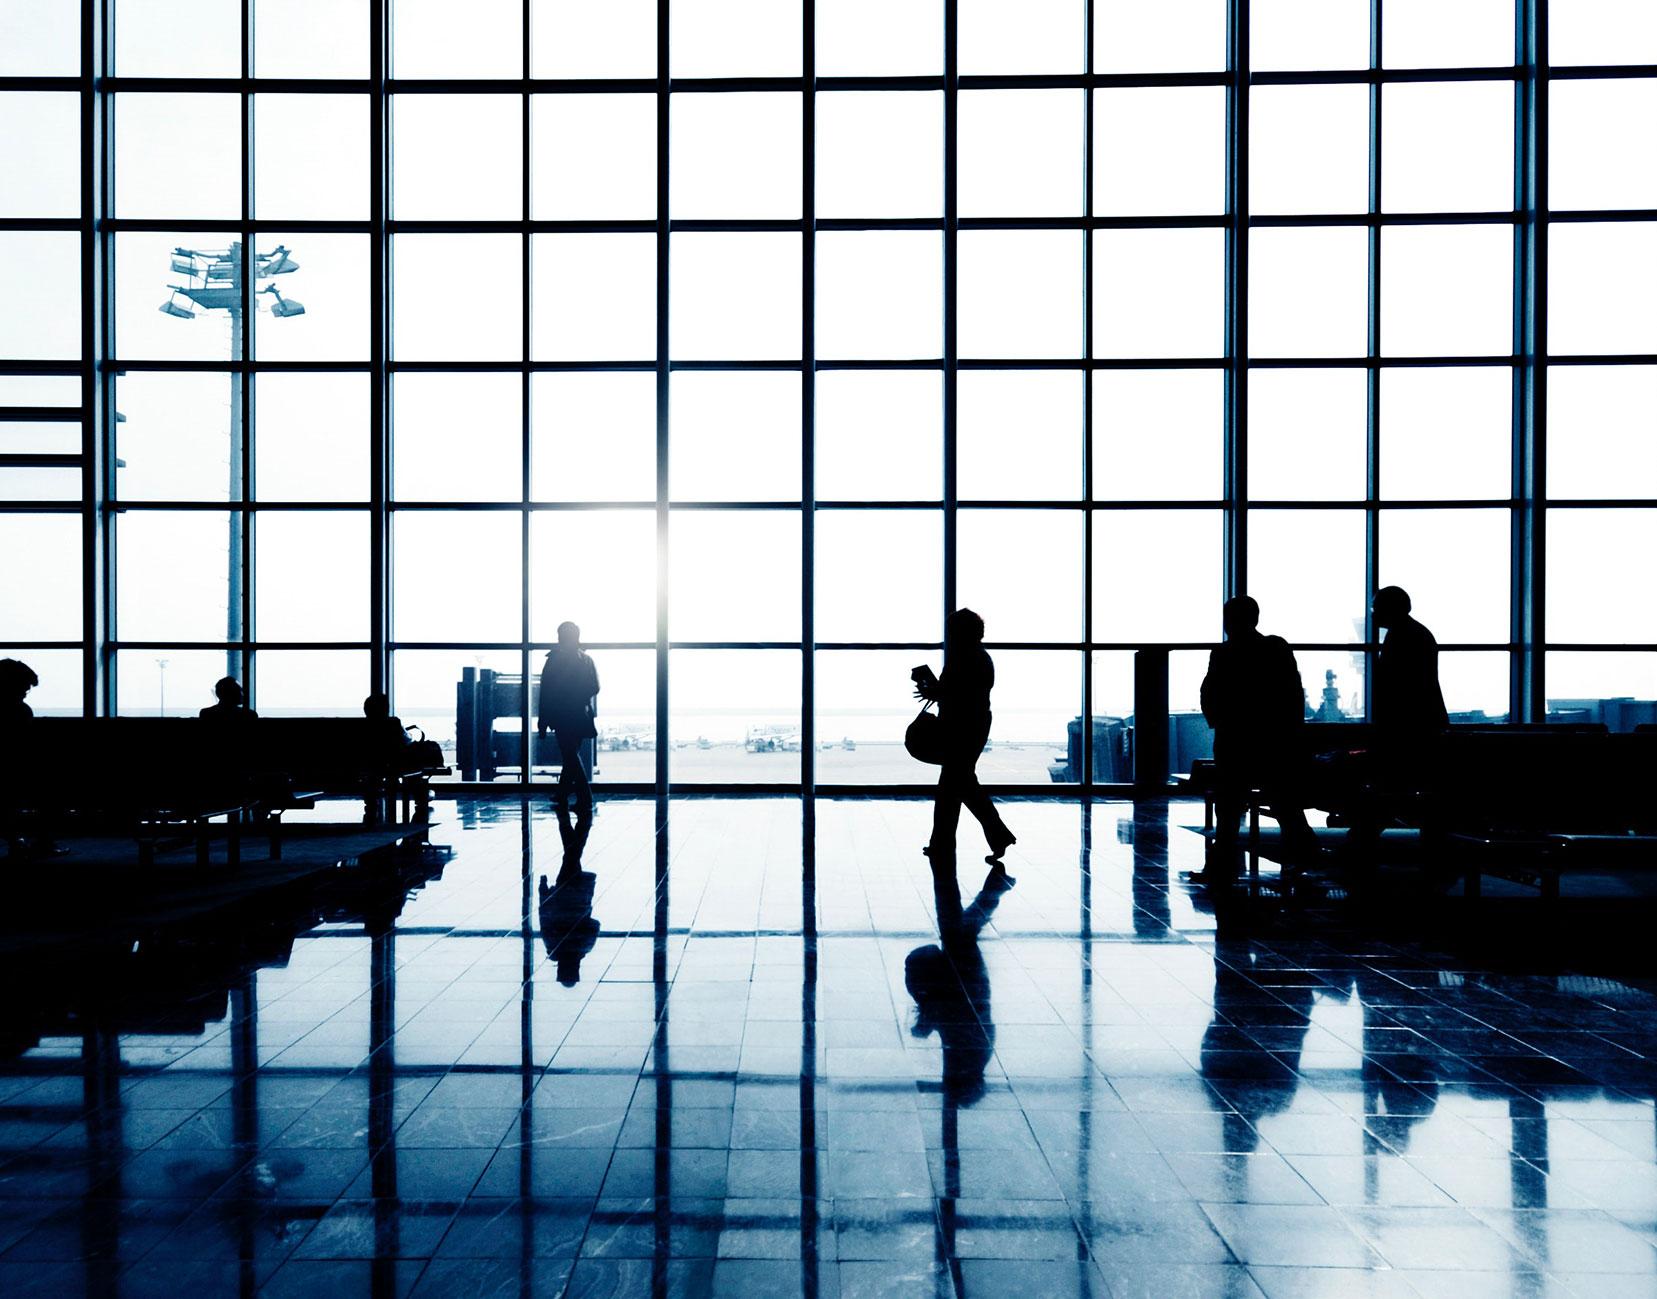 siluetas-personas-en-el-aeropuerto